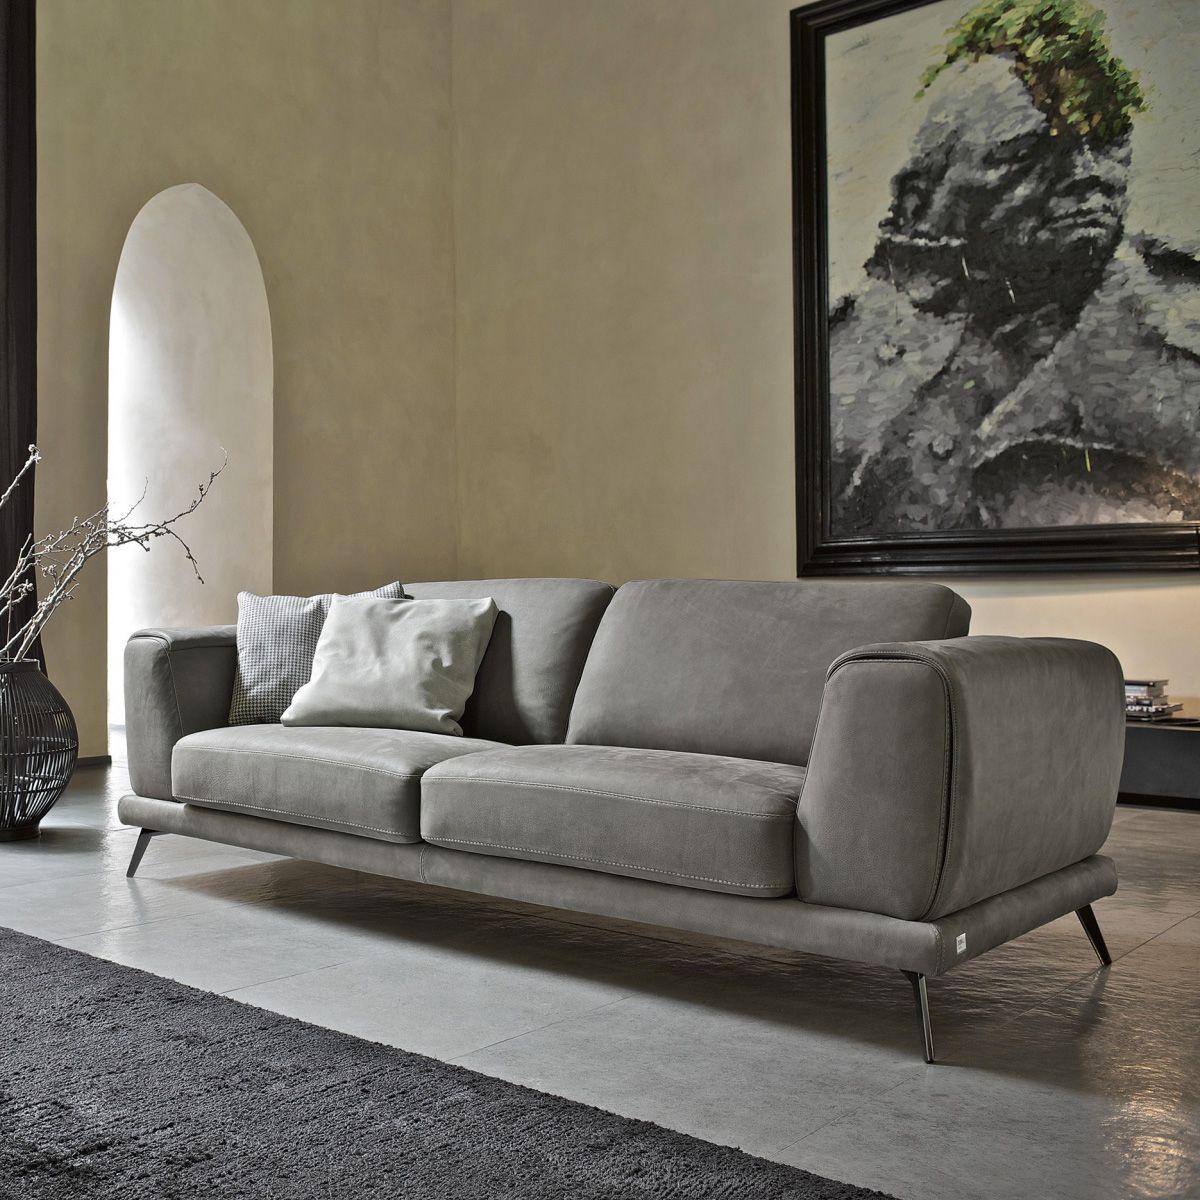 Divano in pelle di Design - Denver - Collezione EMPORIO di Doimo ...